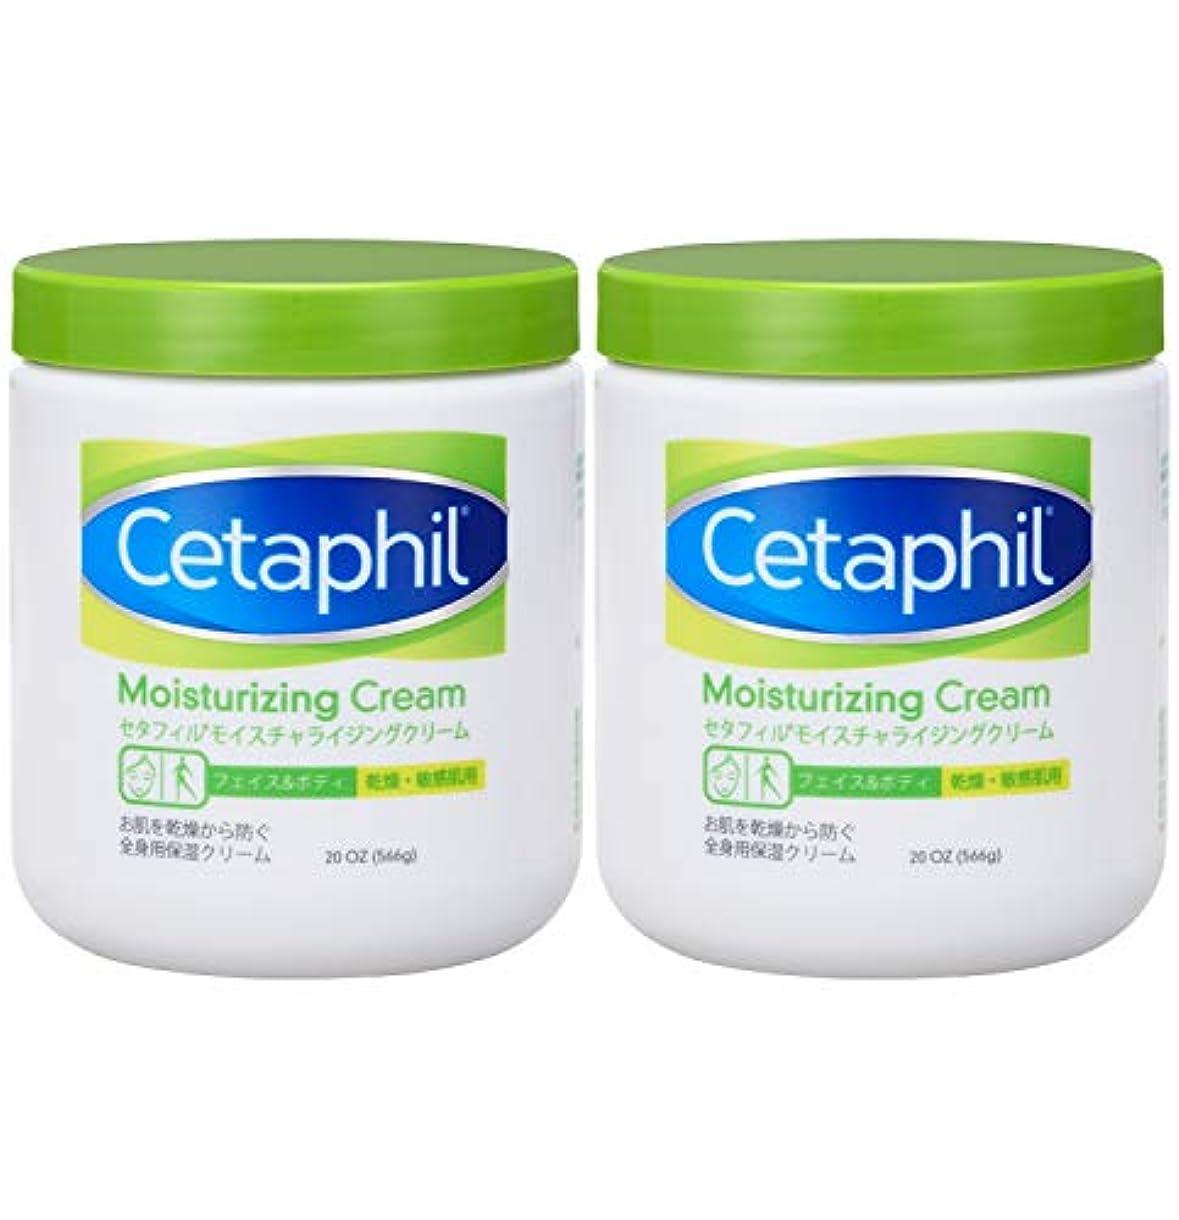 神聖箱ドナウ川セタフィル Cetaphil ® モイスチャライジングクリーム 566ml 2本組 ( フェイス & ボディ 保湿クリーム クリーム )